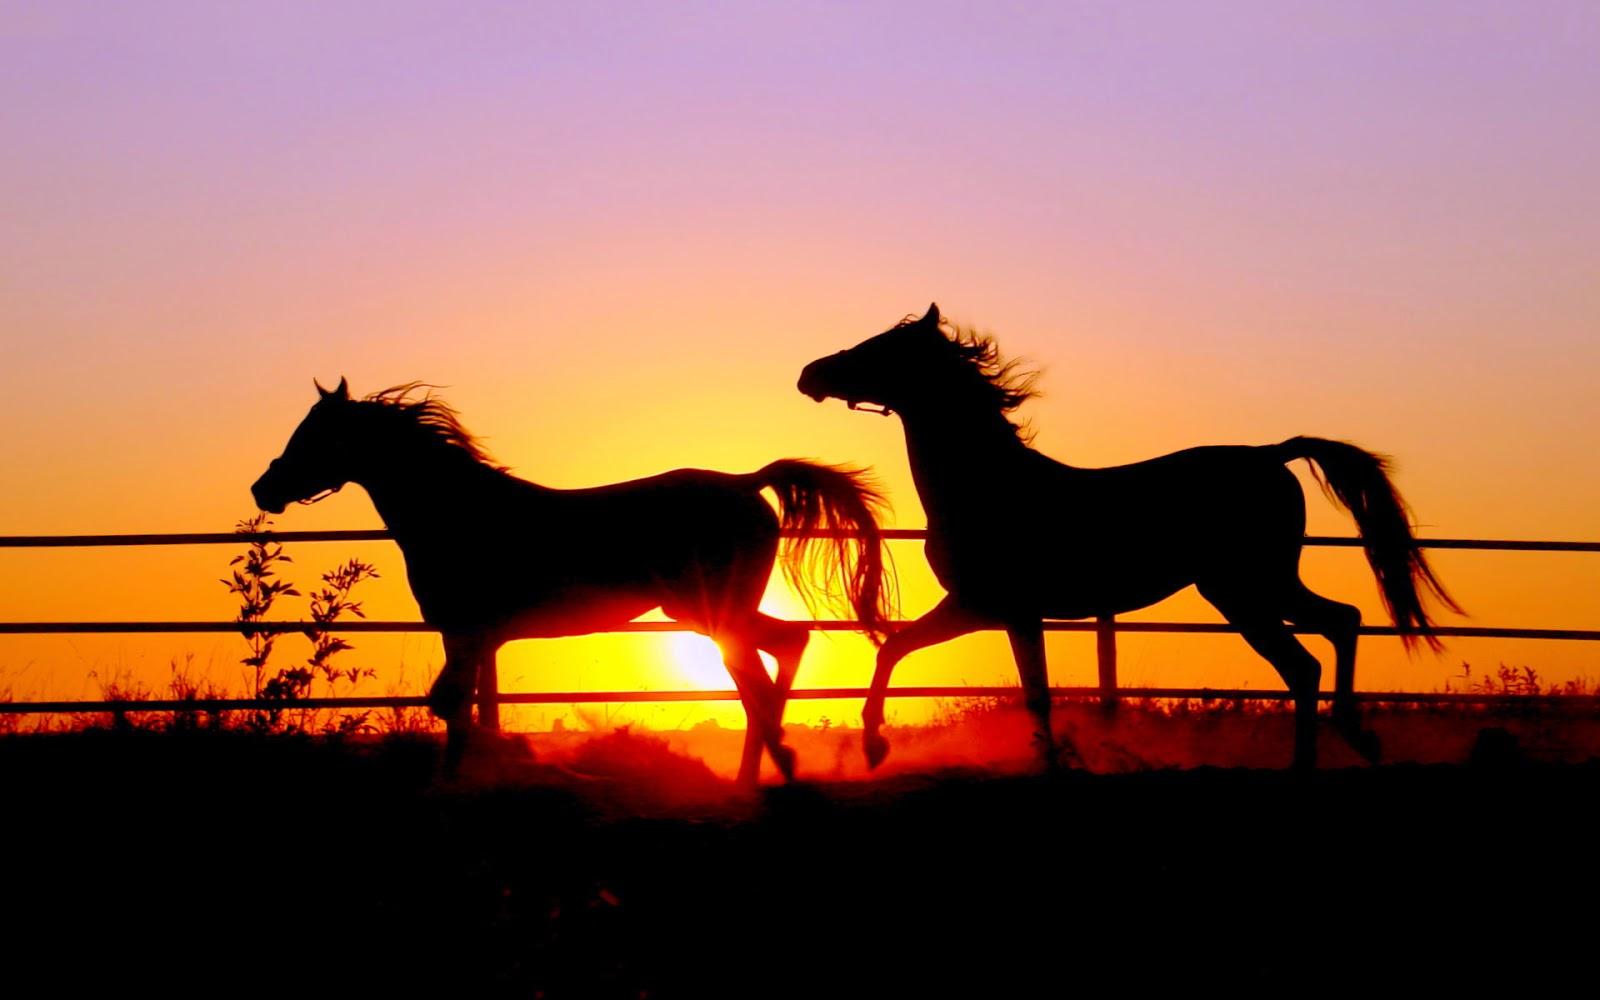 Papel de Parede Animal Cavalos, animal wallpaper hd image free